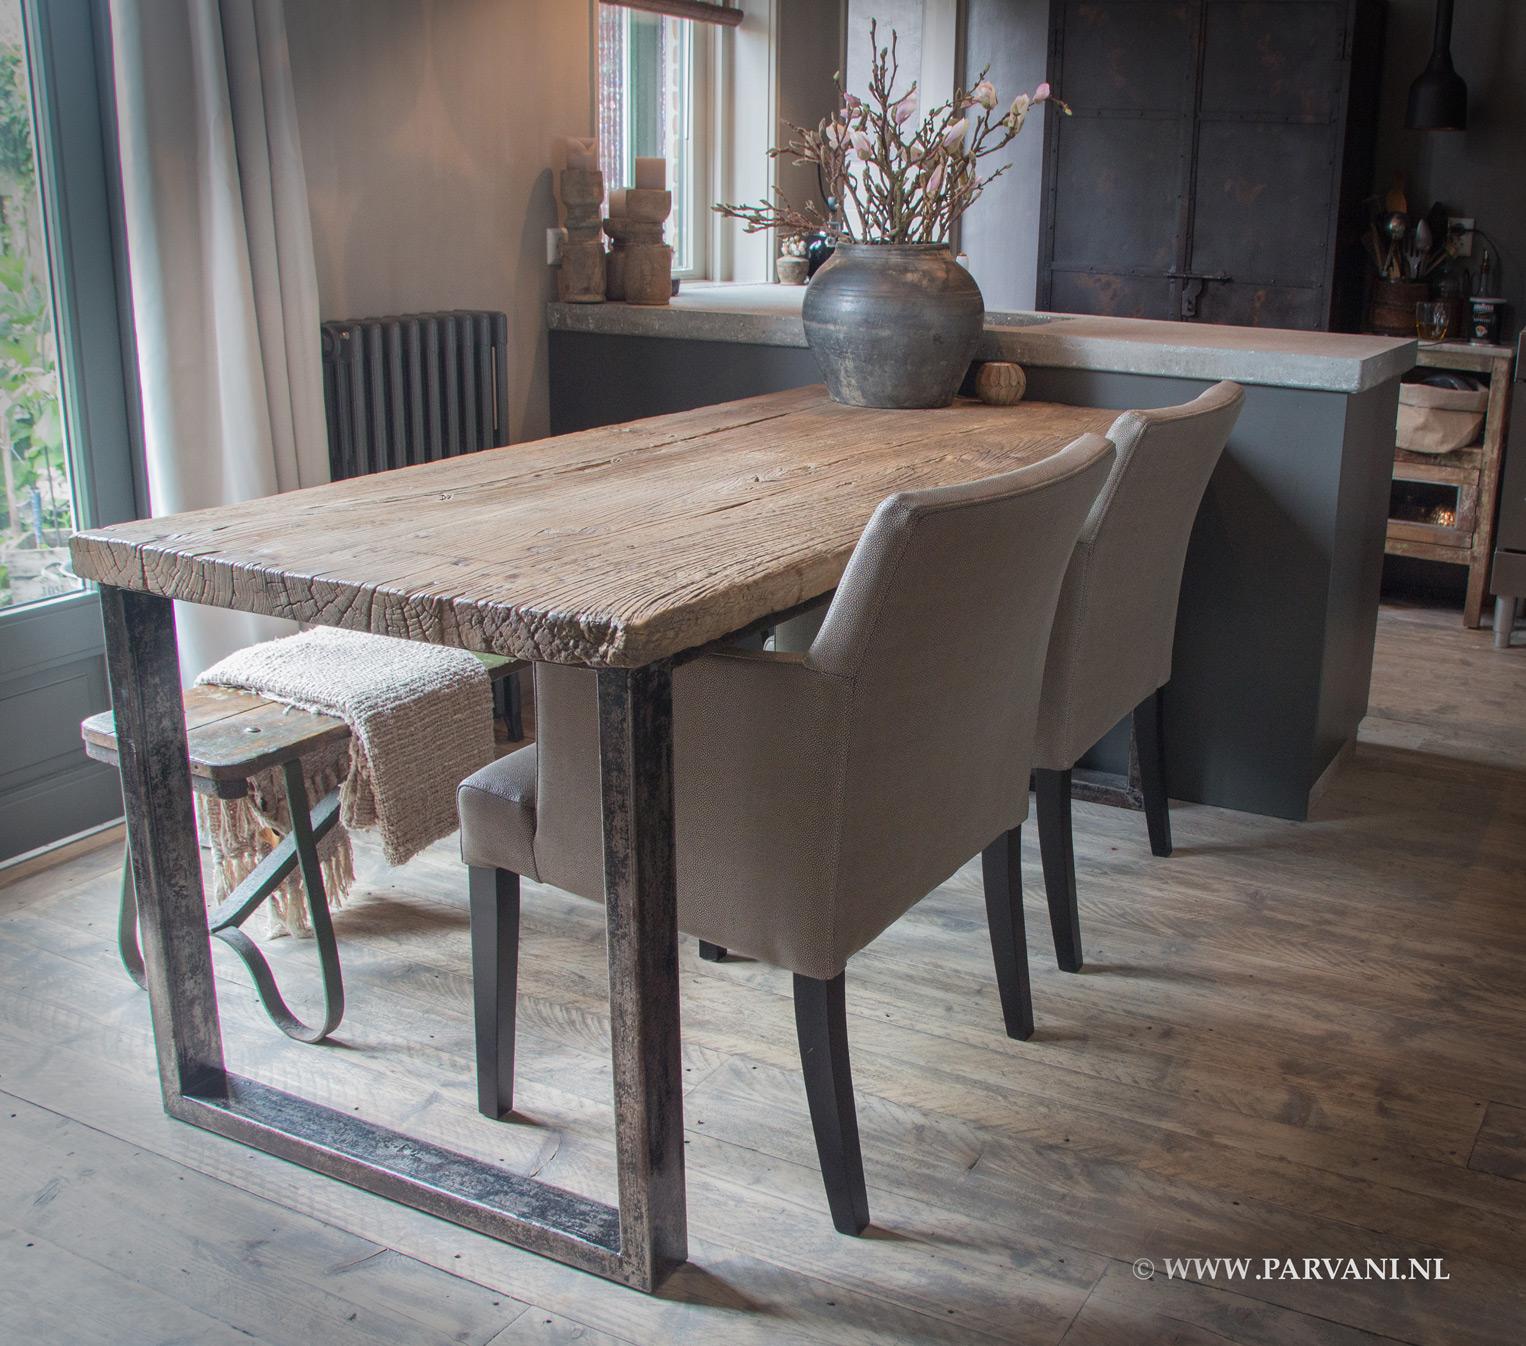 Parvani stoelen banken for Eettafel stoelen cognac